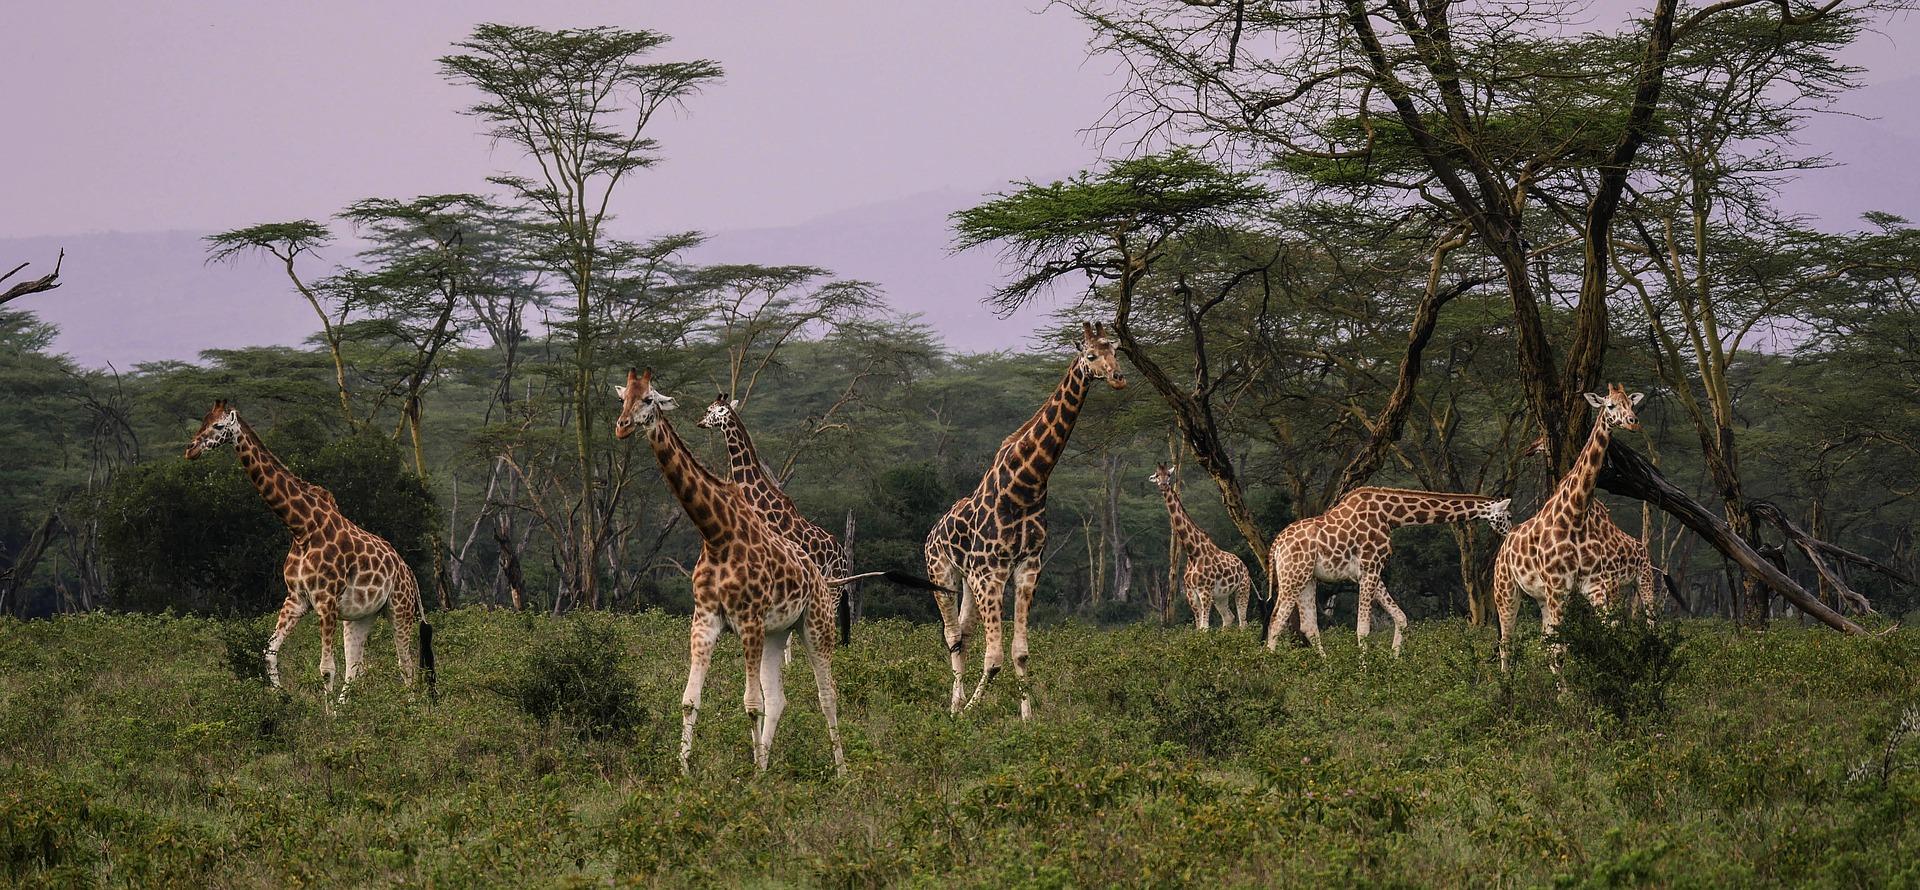 Tanzania Safari Explore